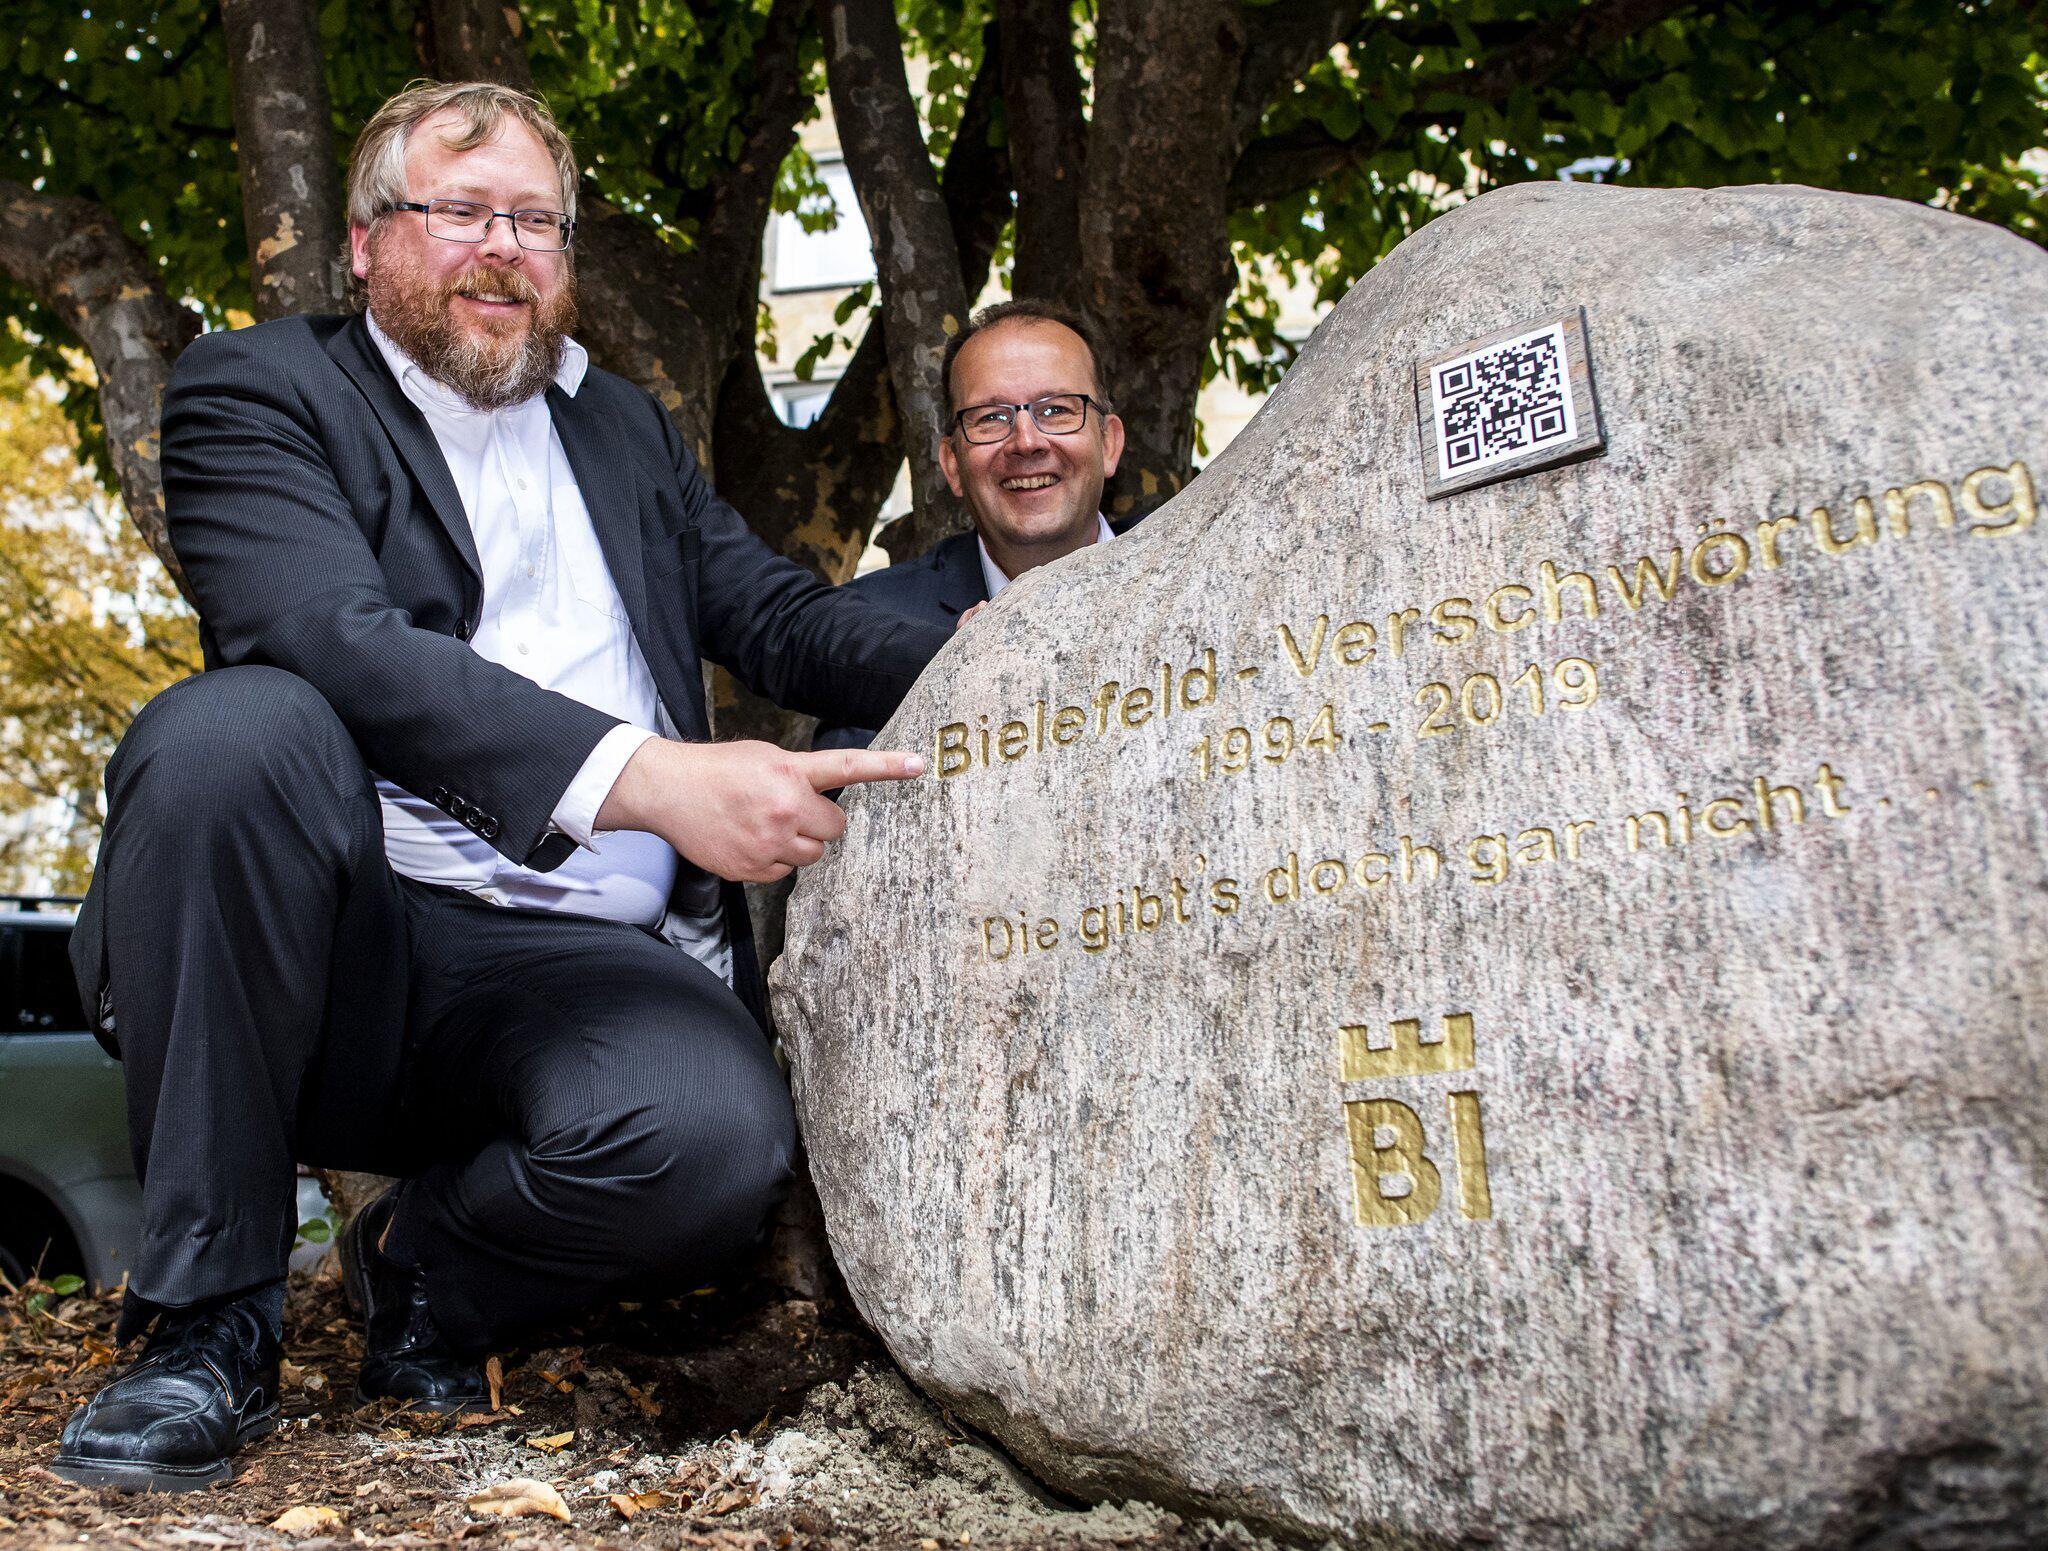 Bild zu Kurioser Wettbewerb um Existenz von Bielefeld